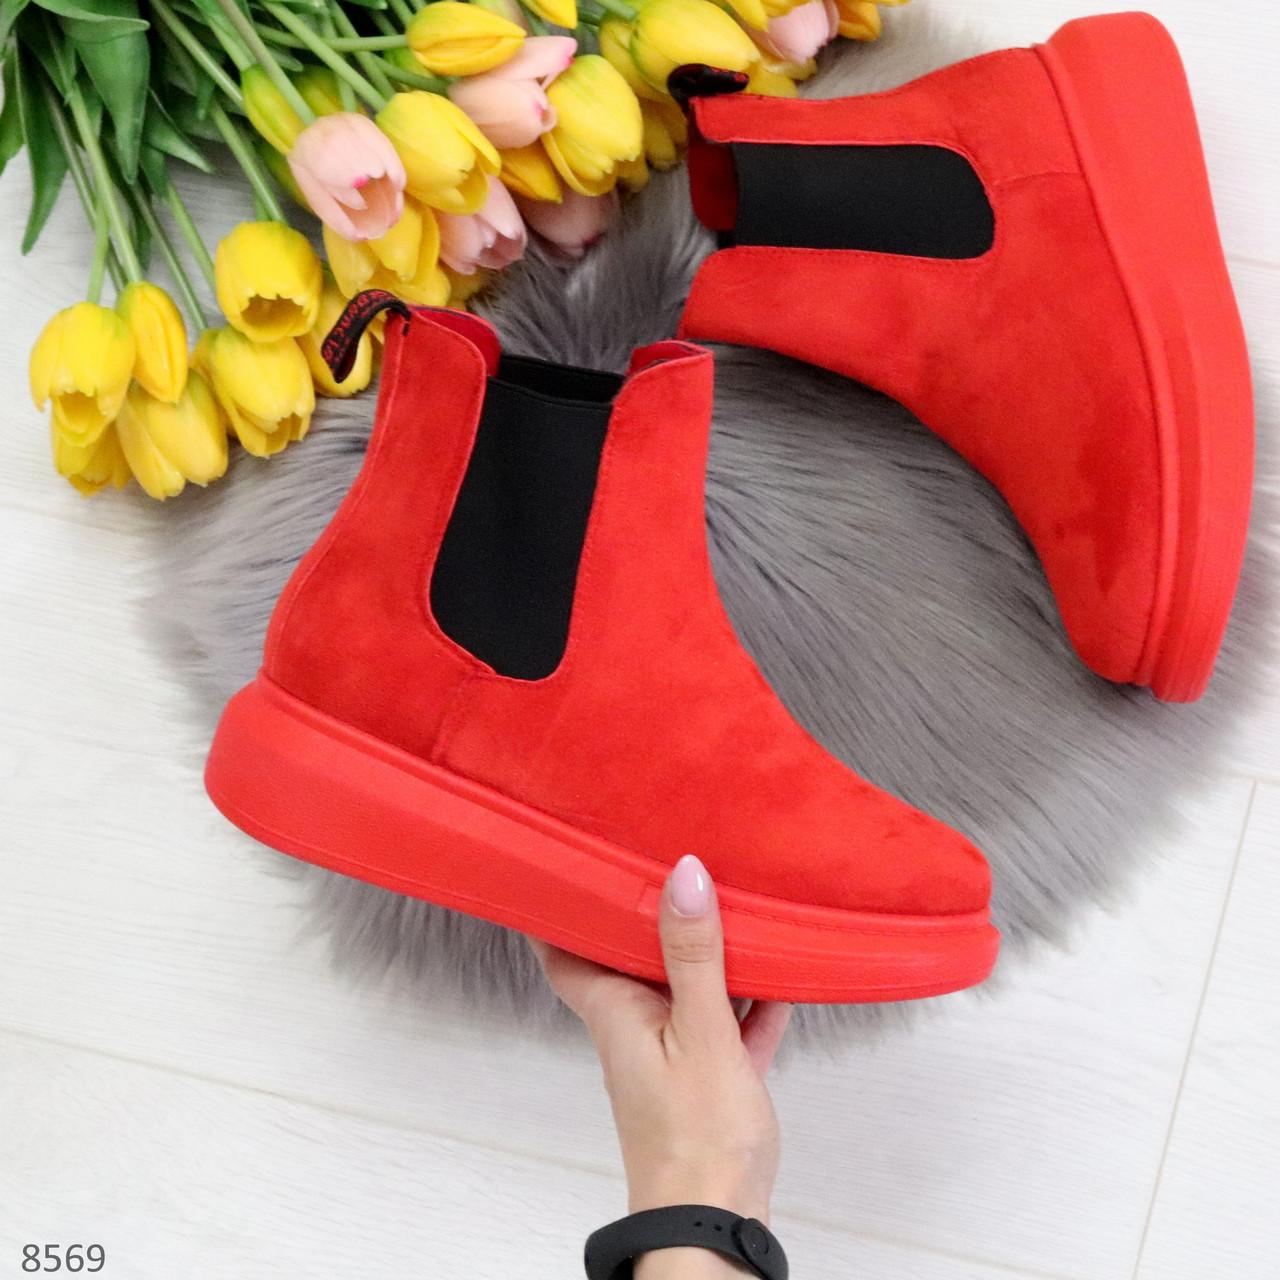 Ультра модные яркие красные женские ботинки челси по доступной цене